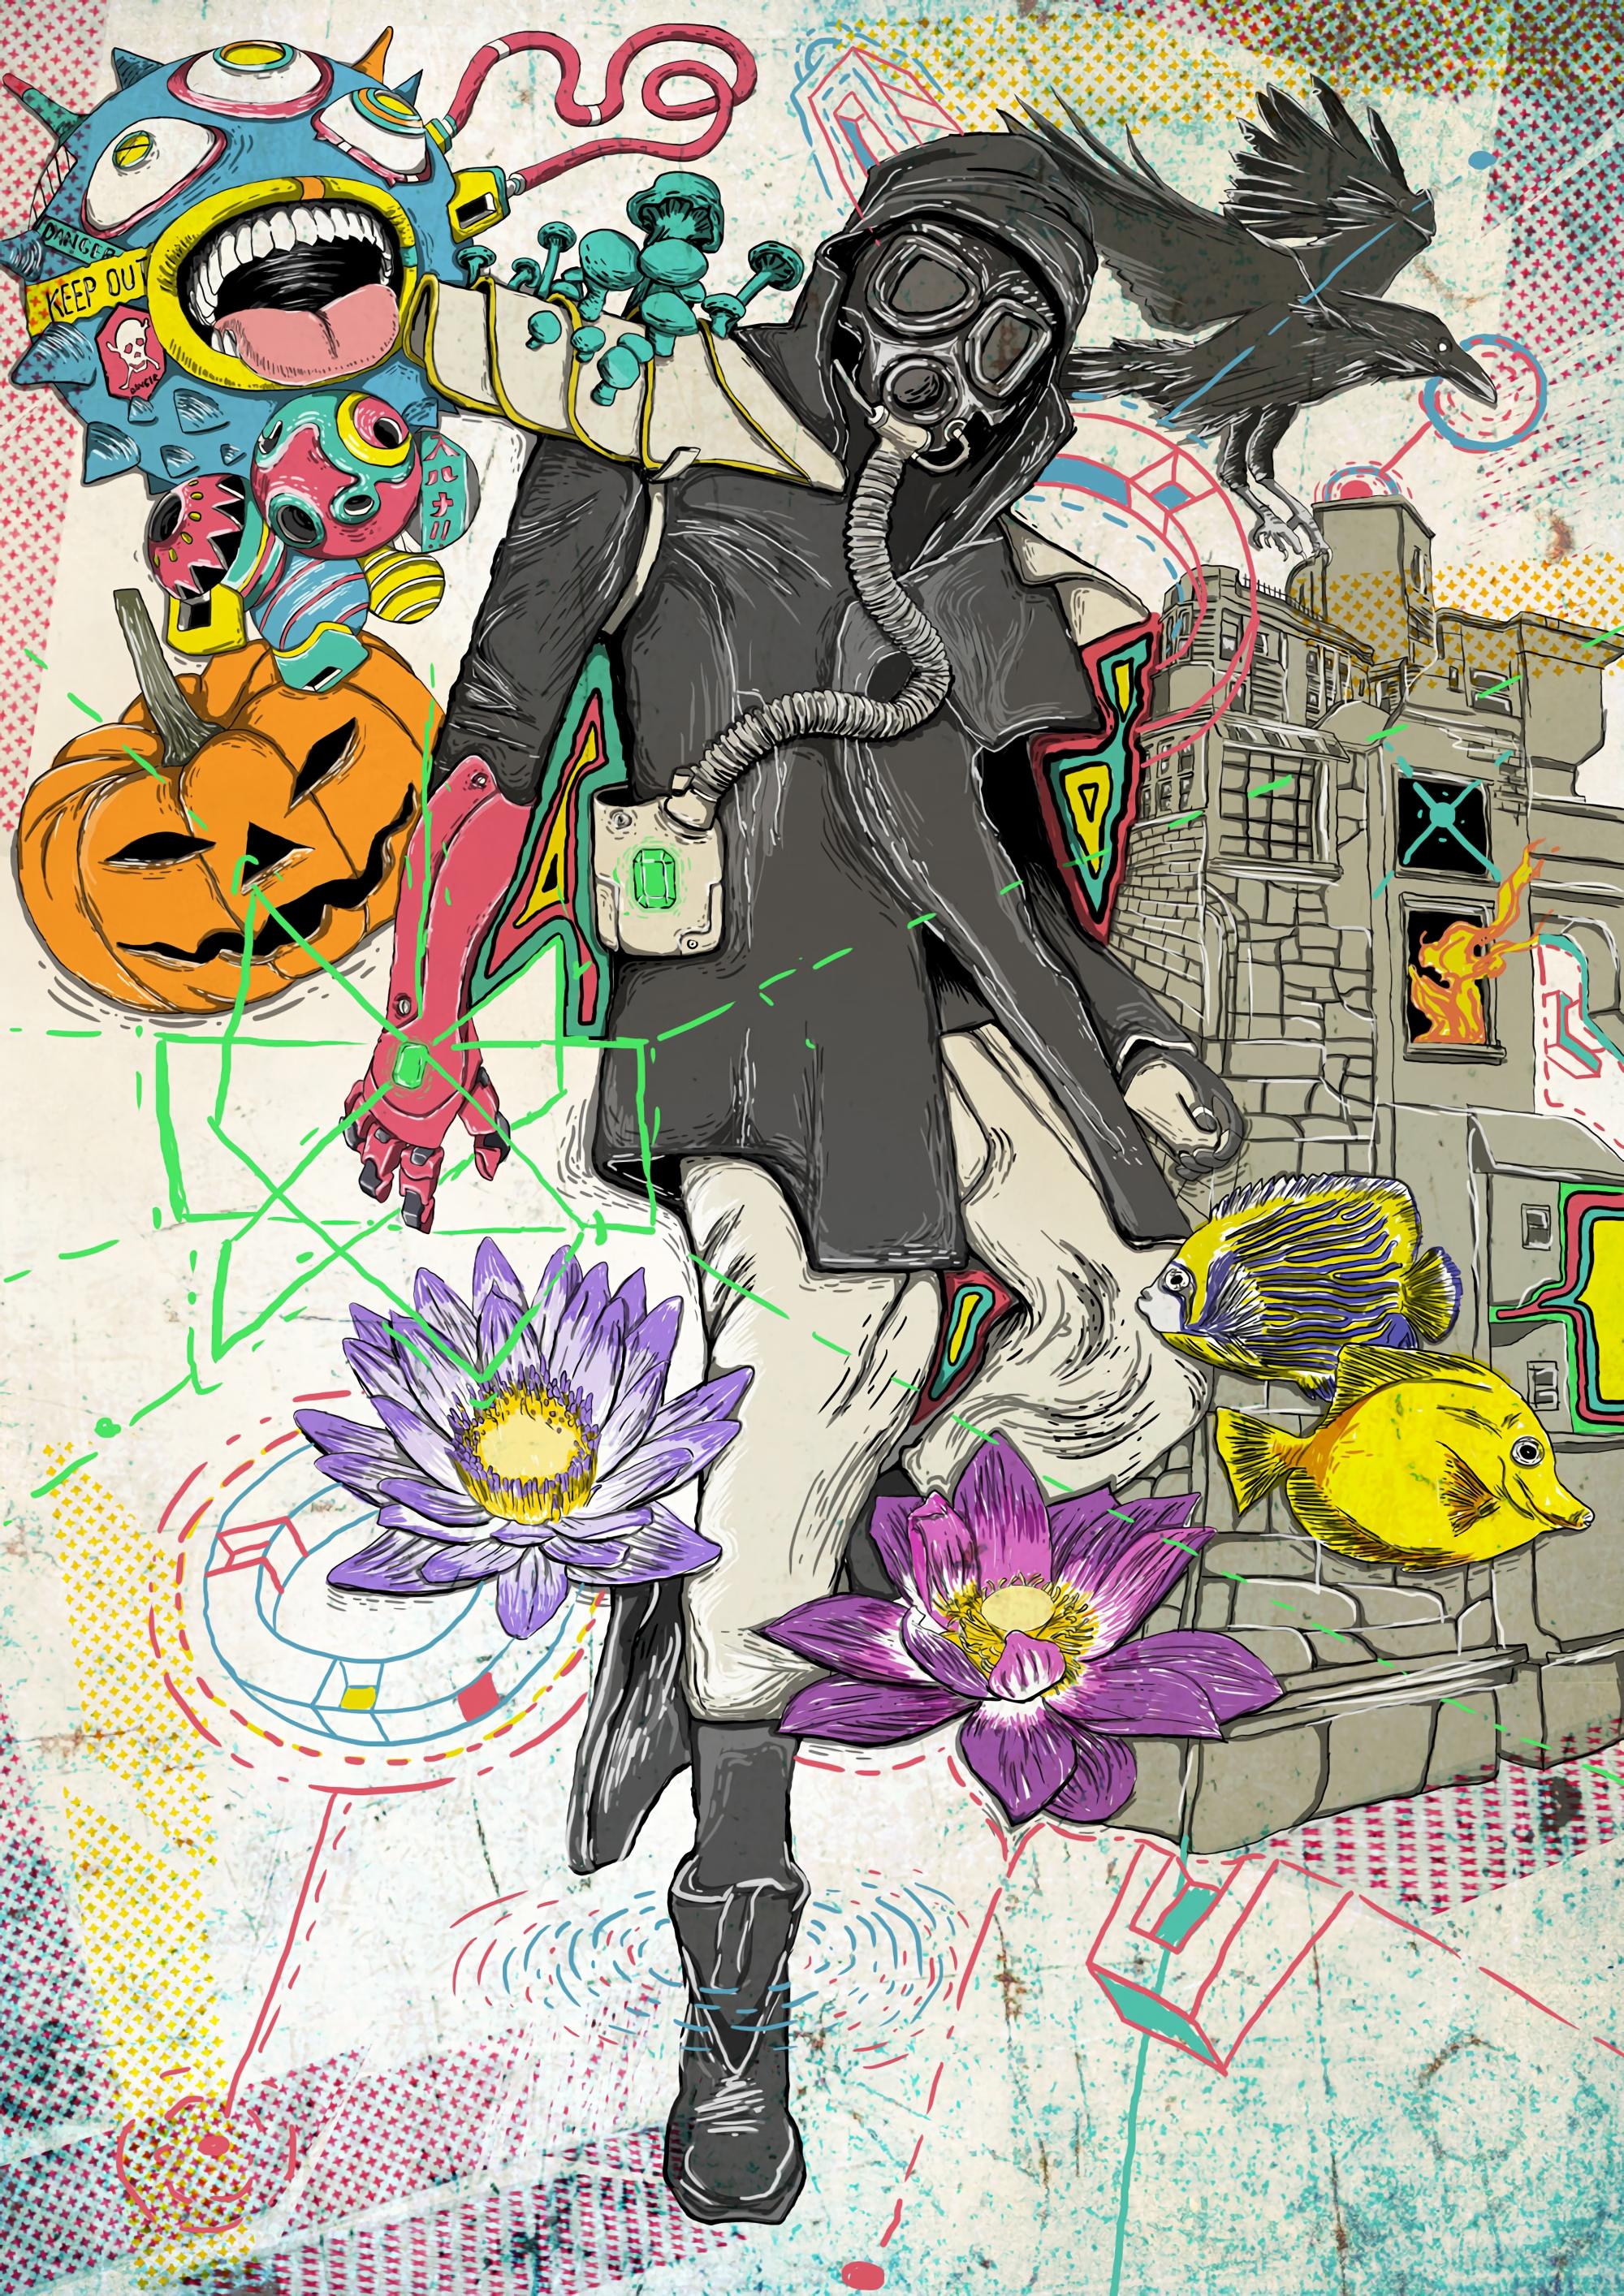 61673 Salvapantallas y fondos de pantalla Fantasía en tu teléfono. Descarga imágenes de Máscara, Máscara Antigás, Humano, Persona, Arte, Cuervo, Loto, Sueños, Ensueño, Fantasía, Peces gratis